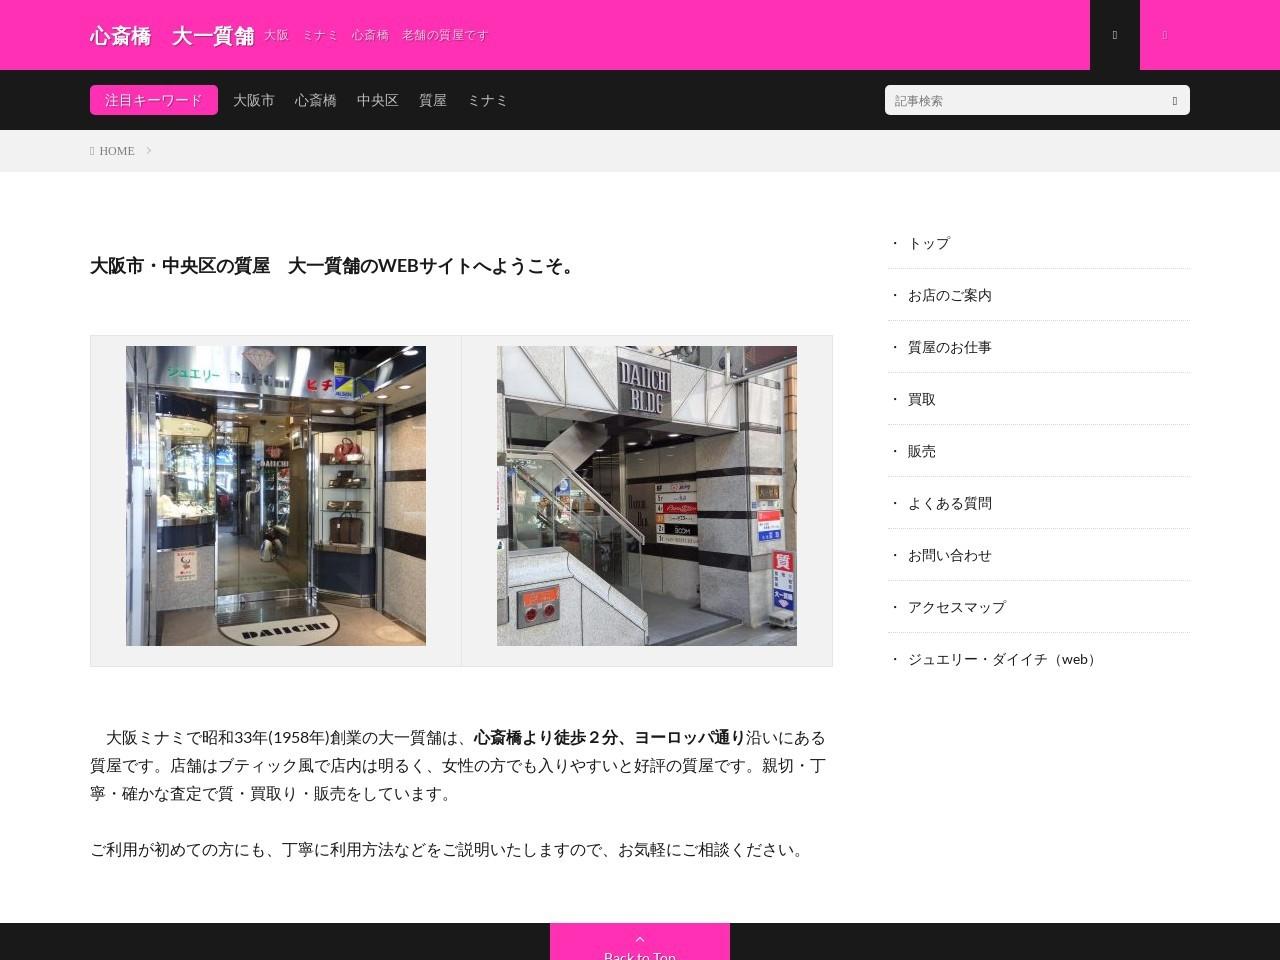 大阪市 中央区の質屋です。心斎橋で60有余年。DAIICHI~大一質舗~